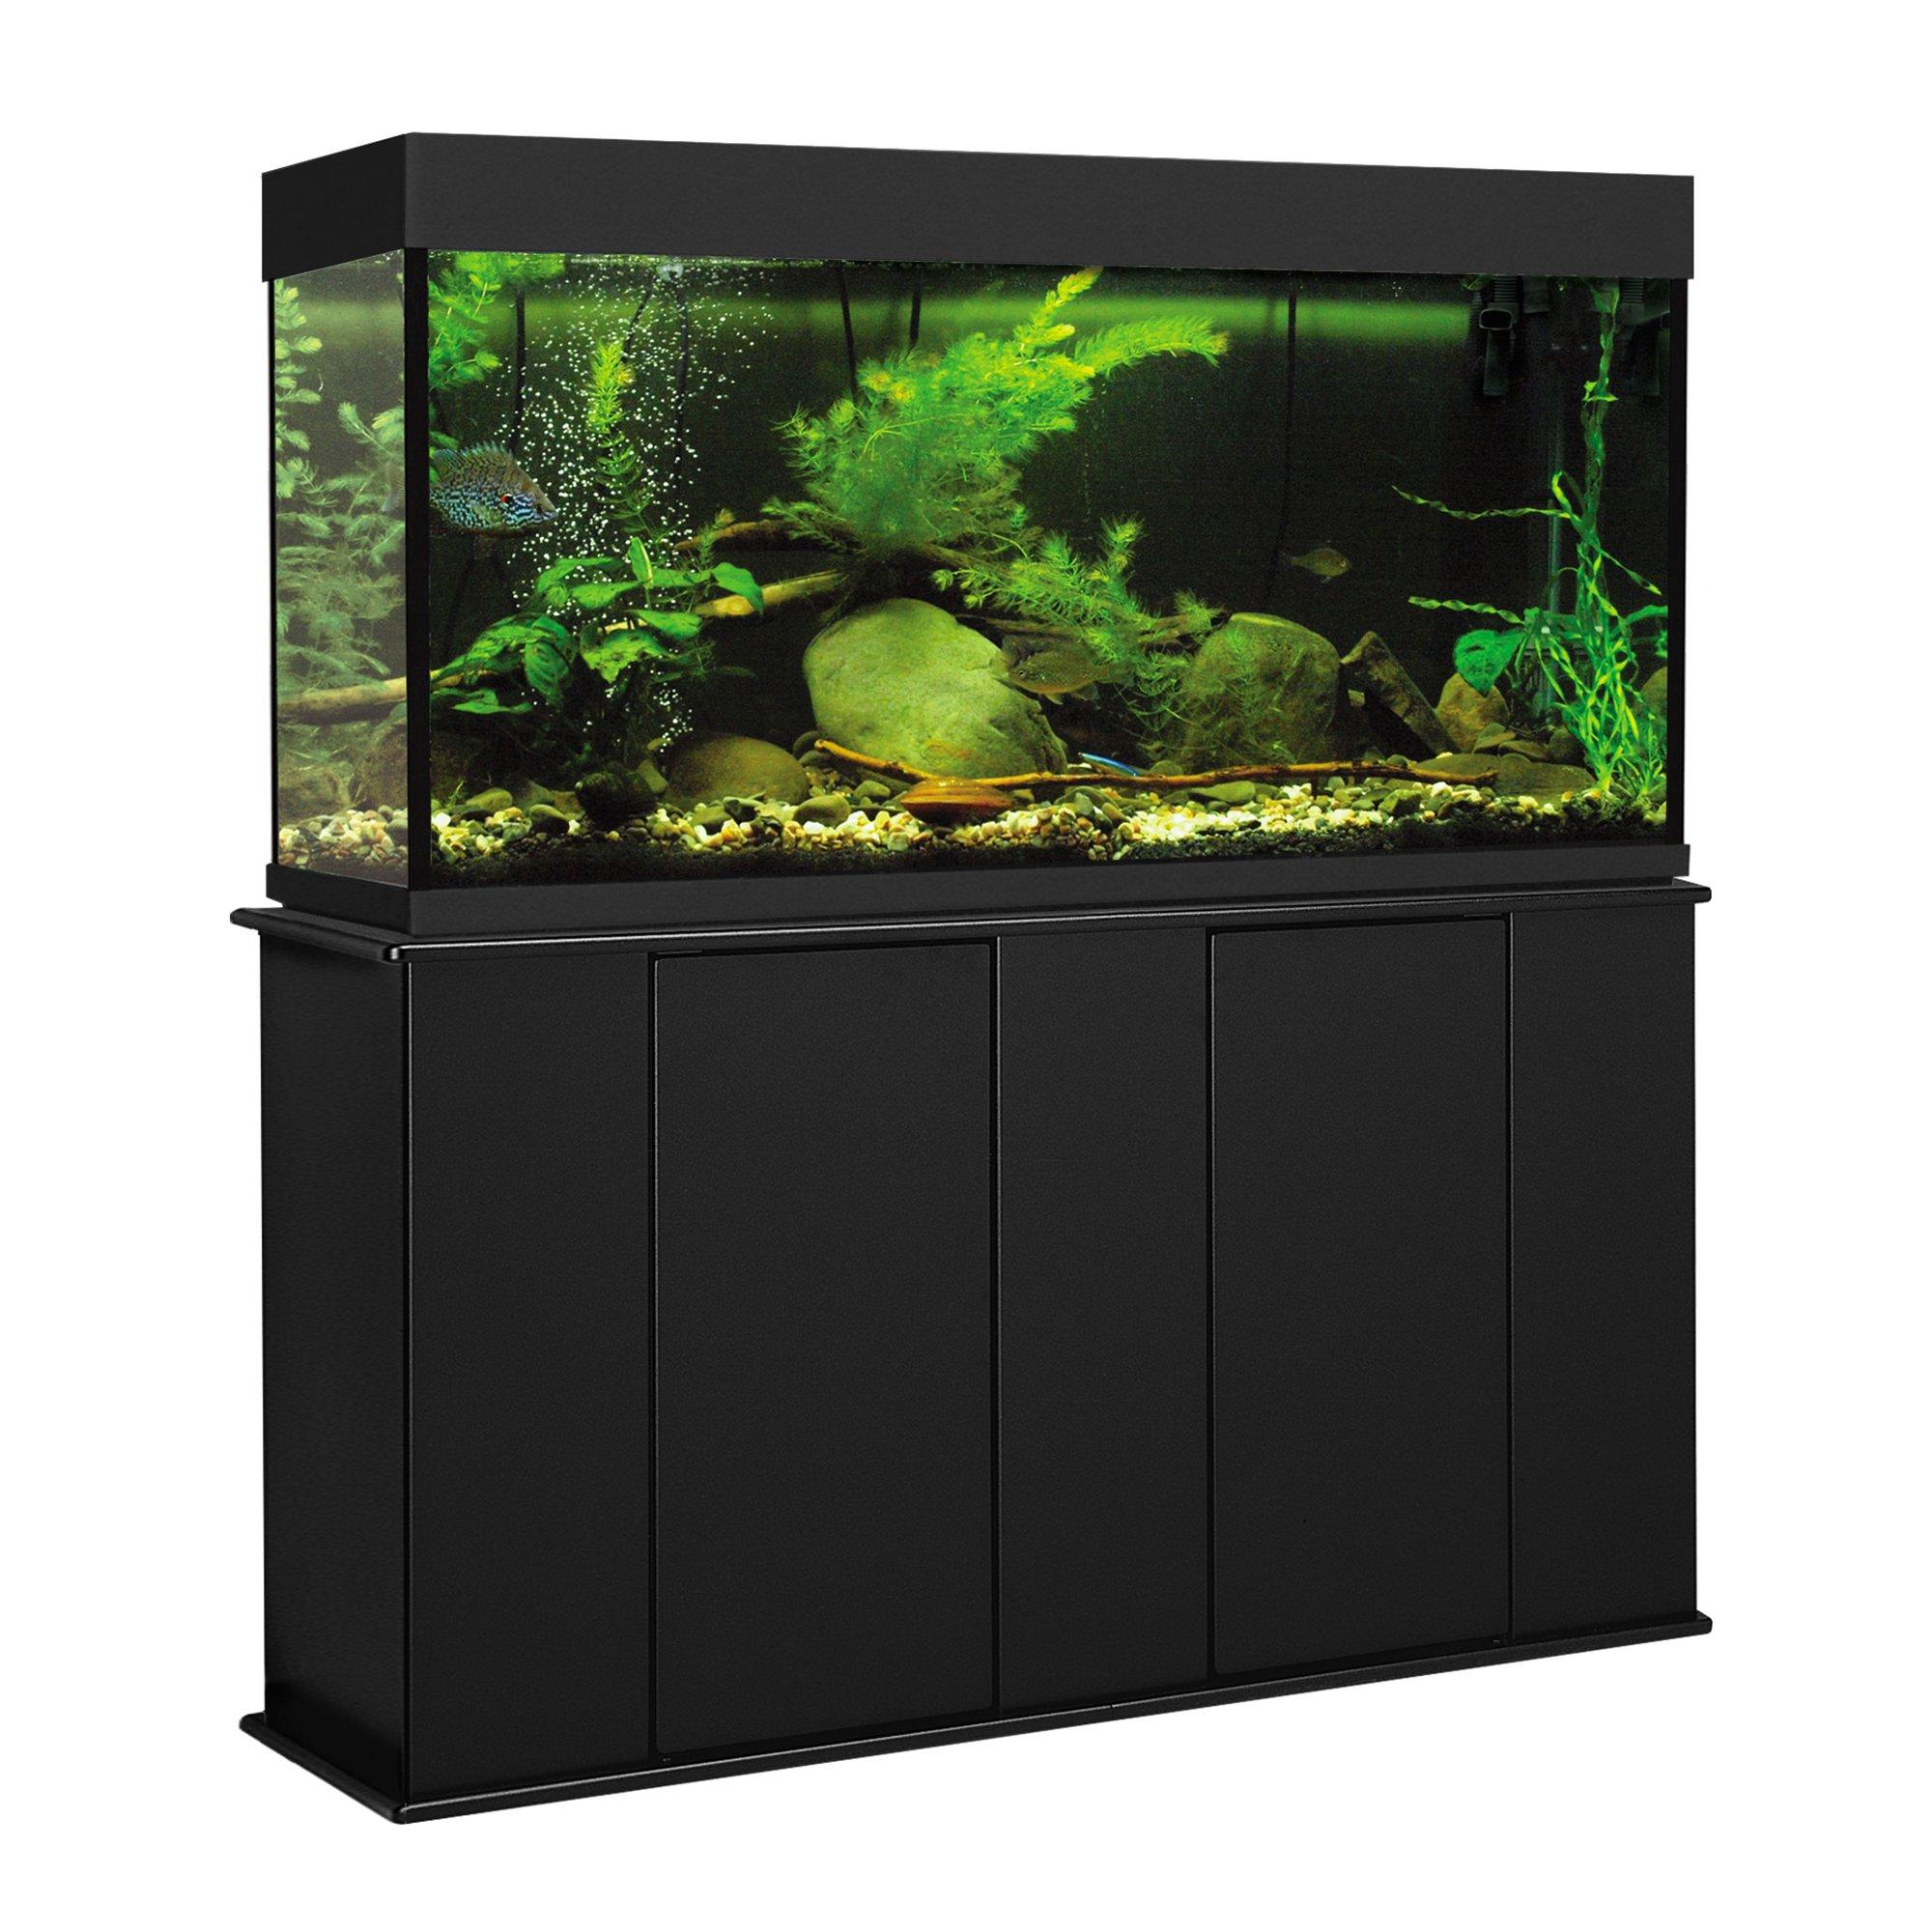 Aquatic Fundamentals 55 Gallon Upright Aquarium Stand